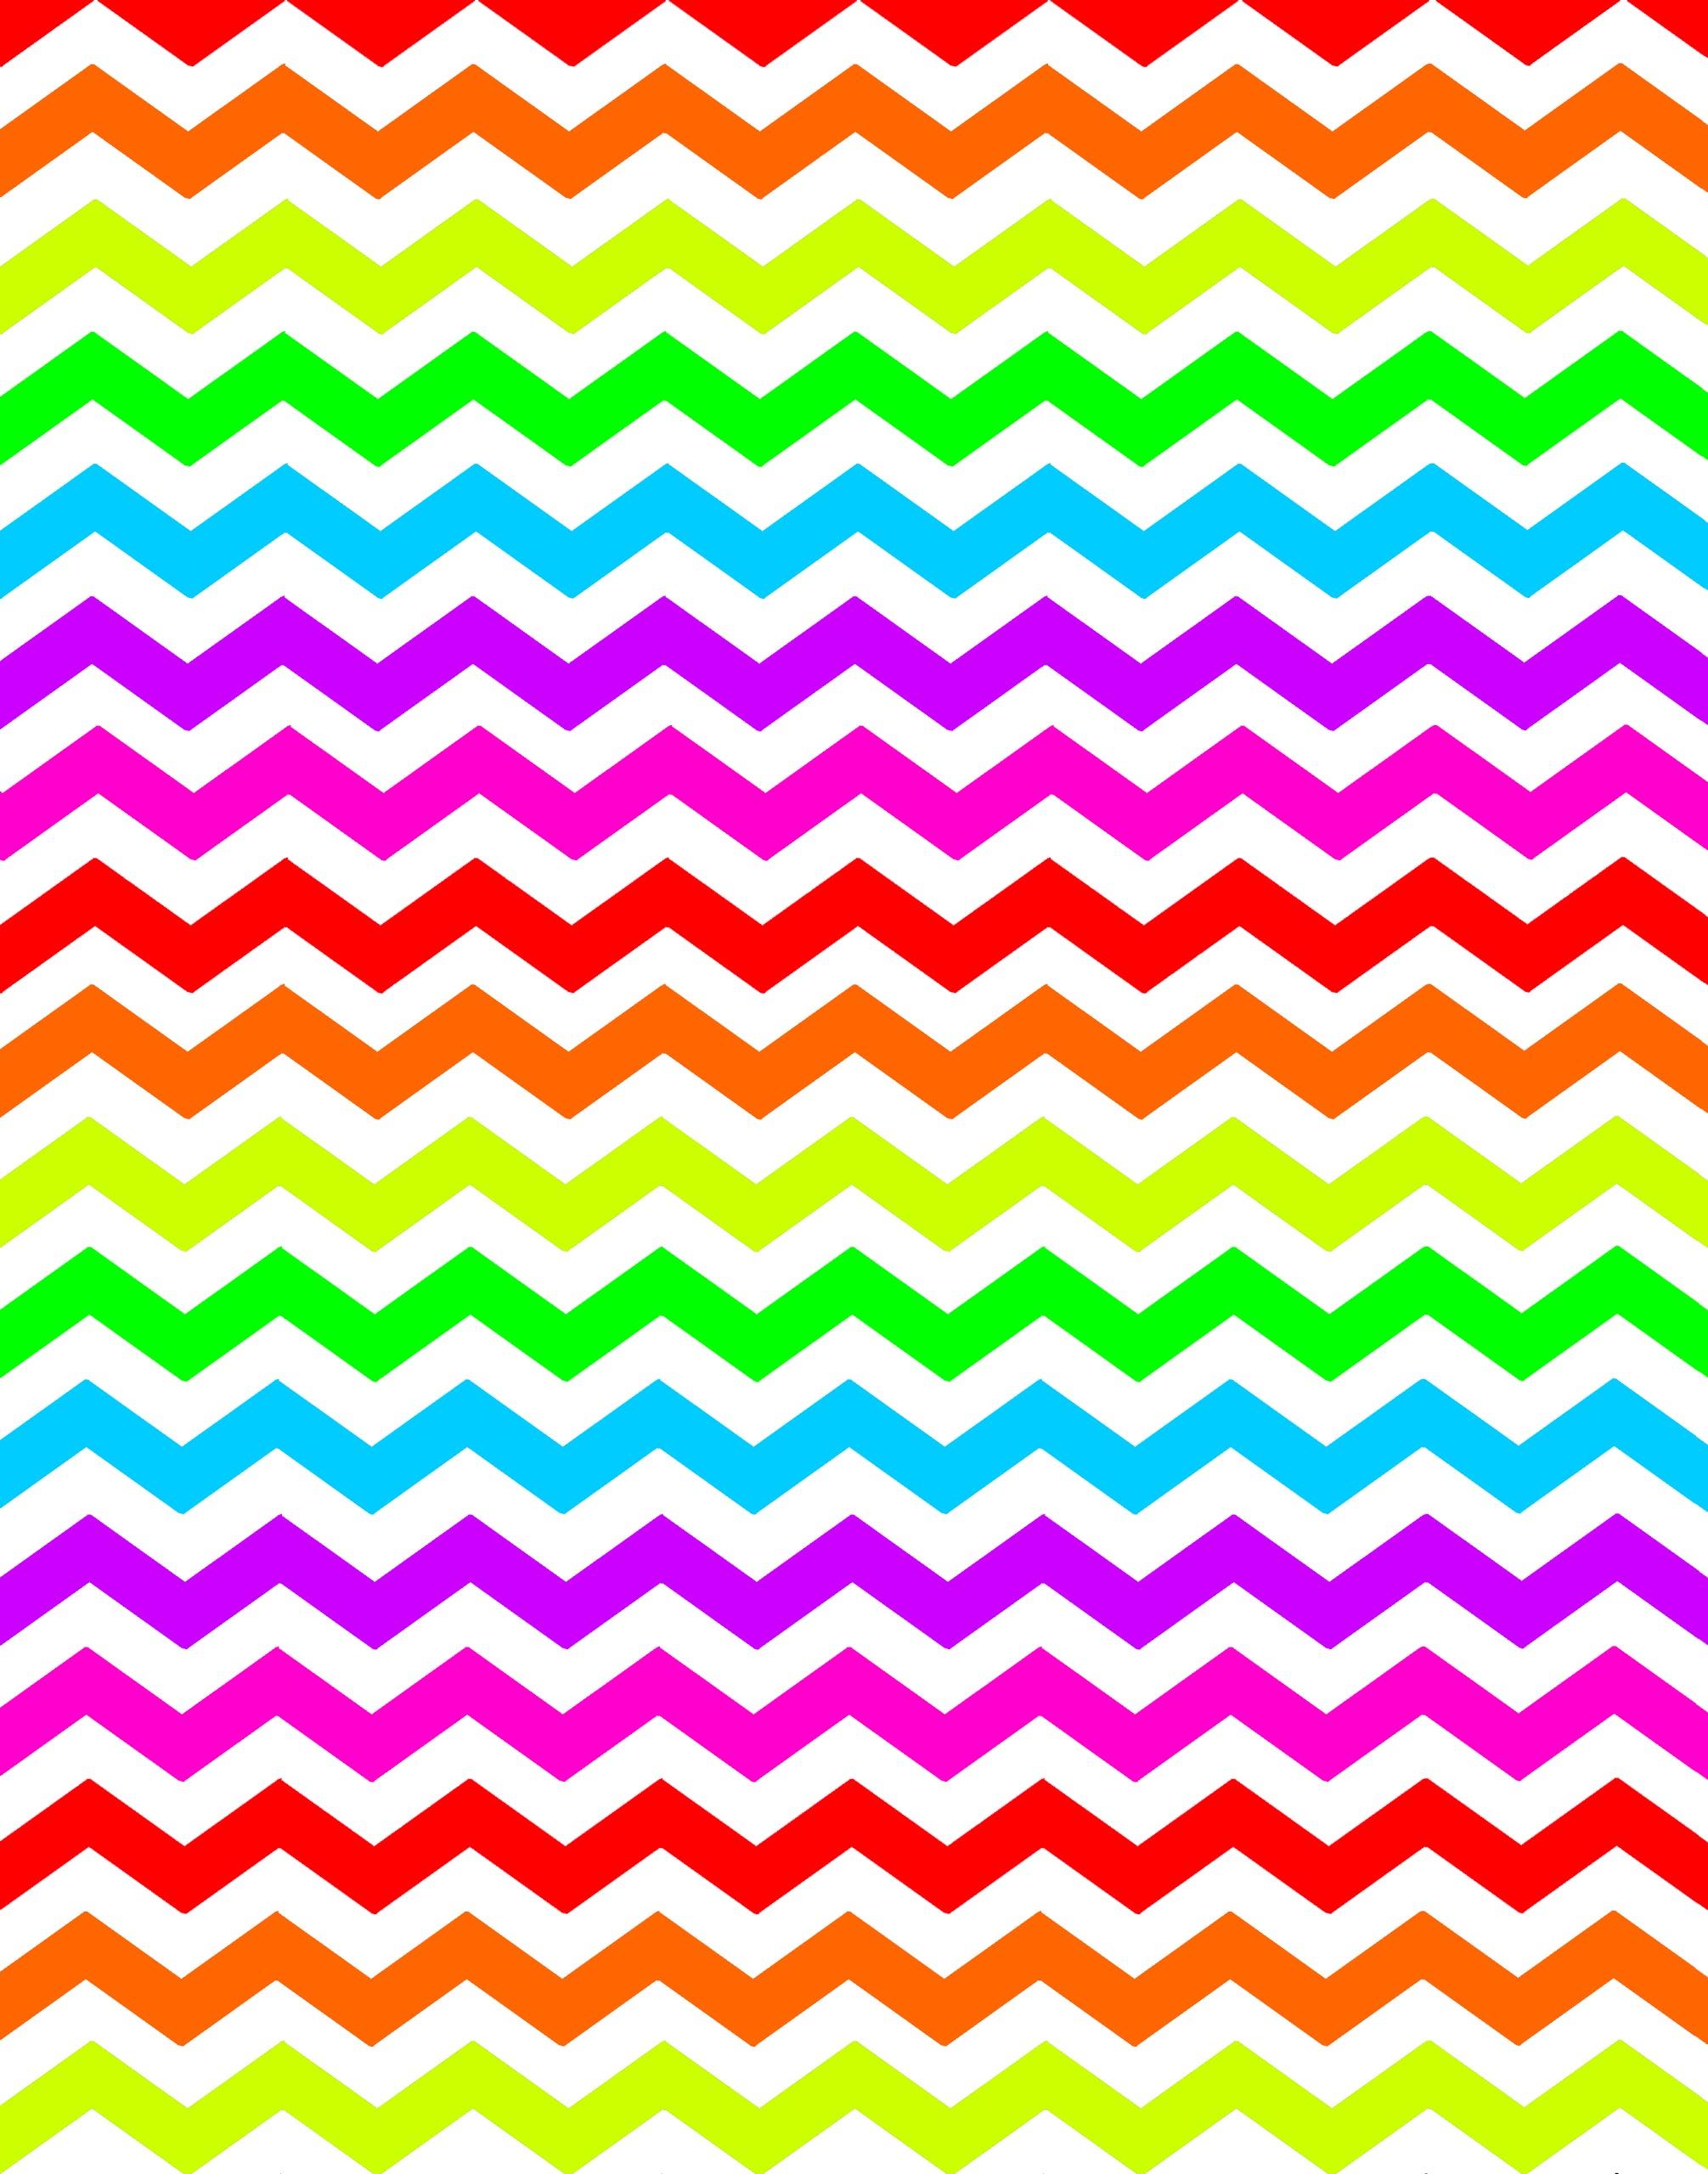 2011x2560 Rainbow Cheetah Print Clipart